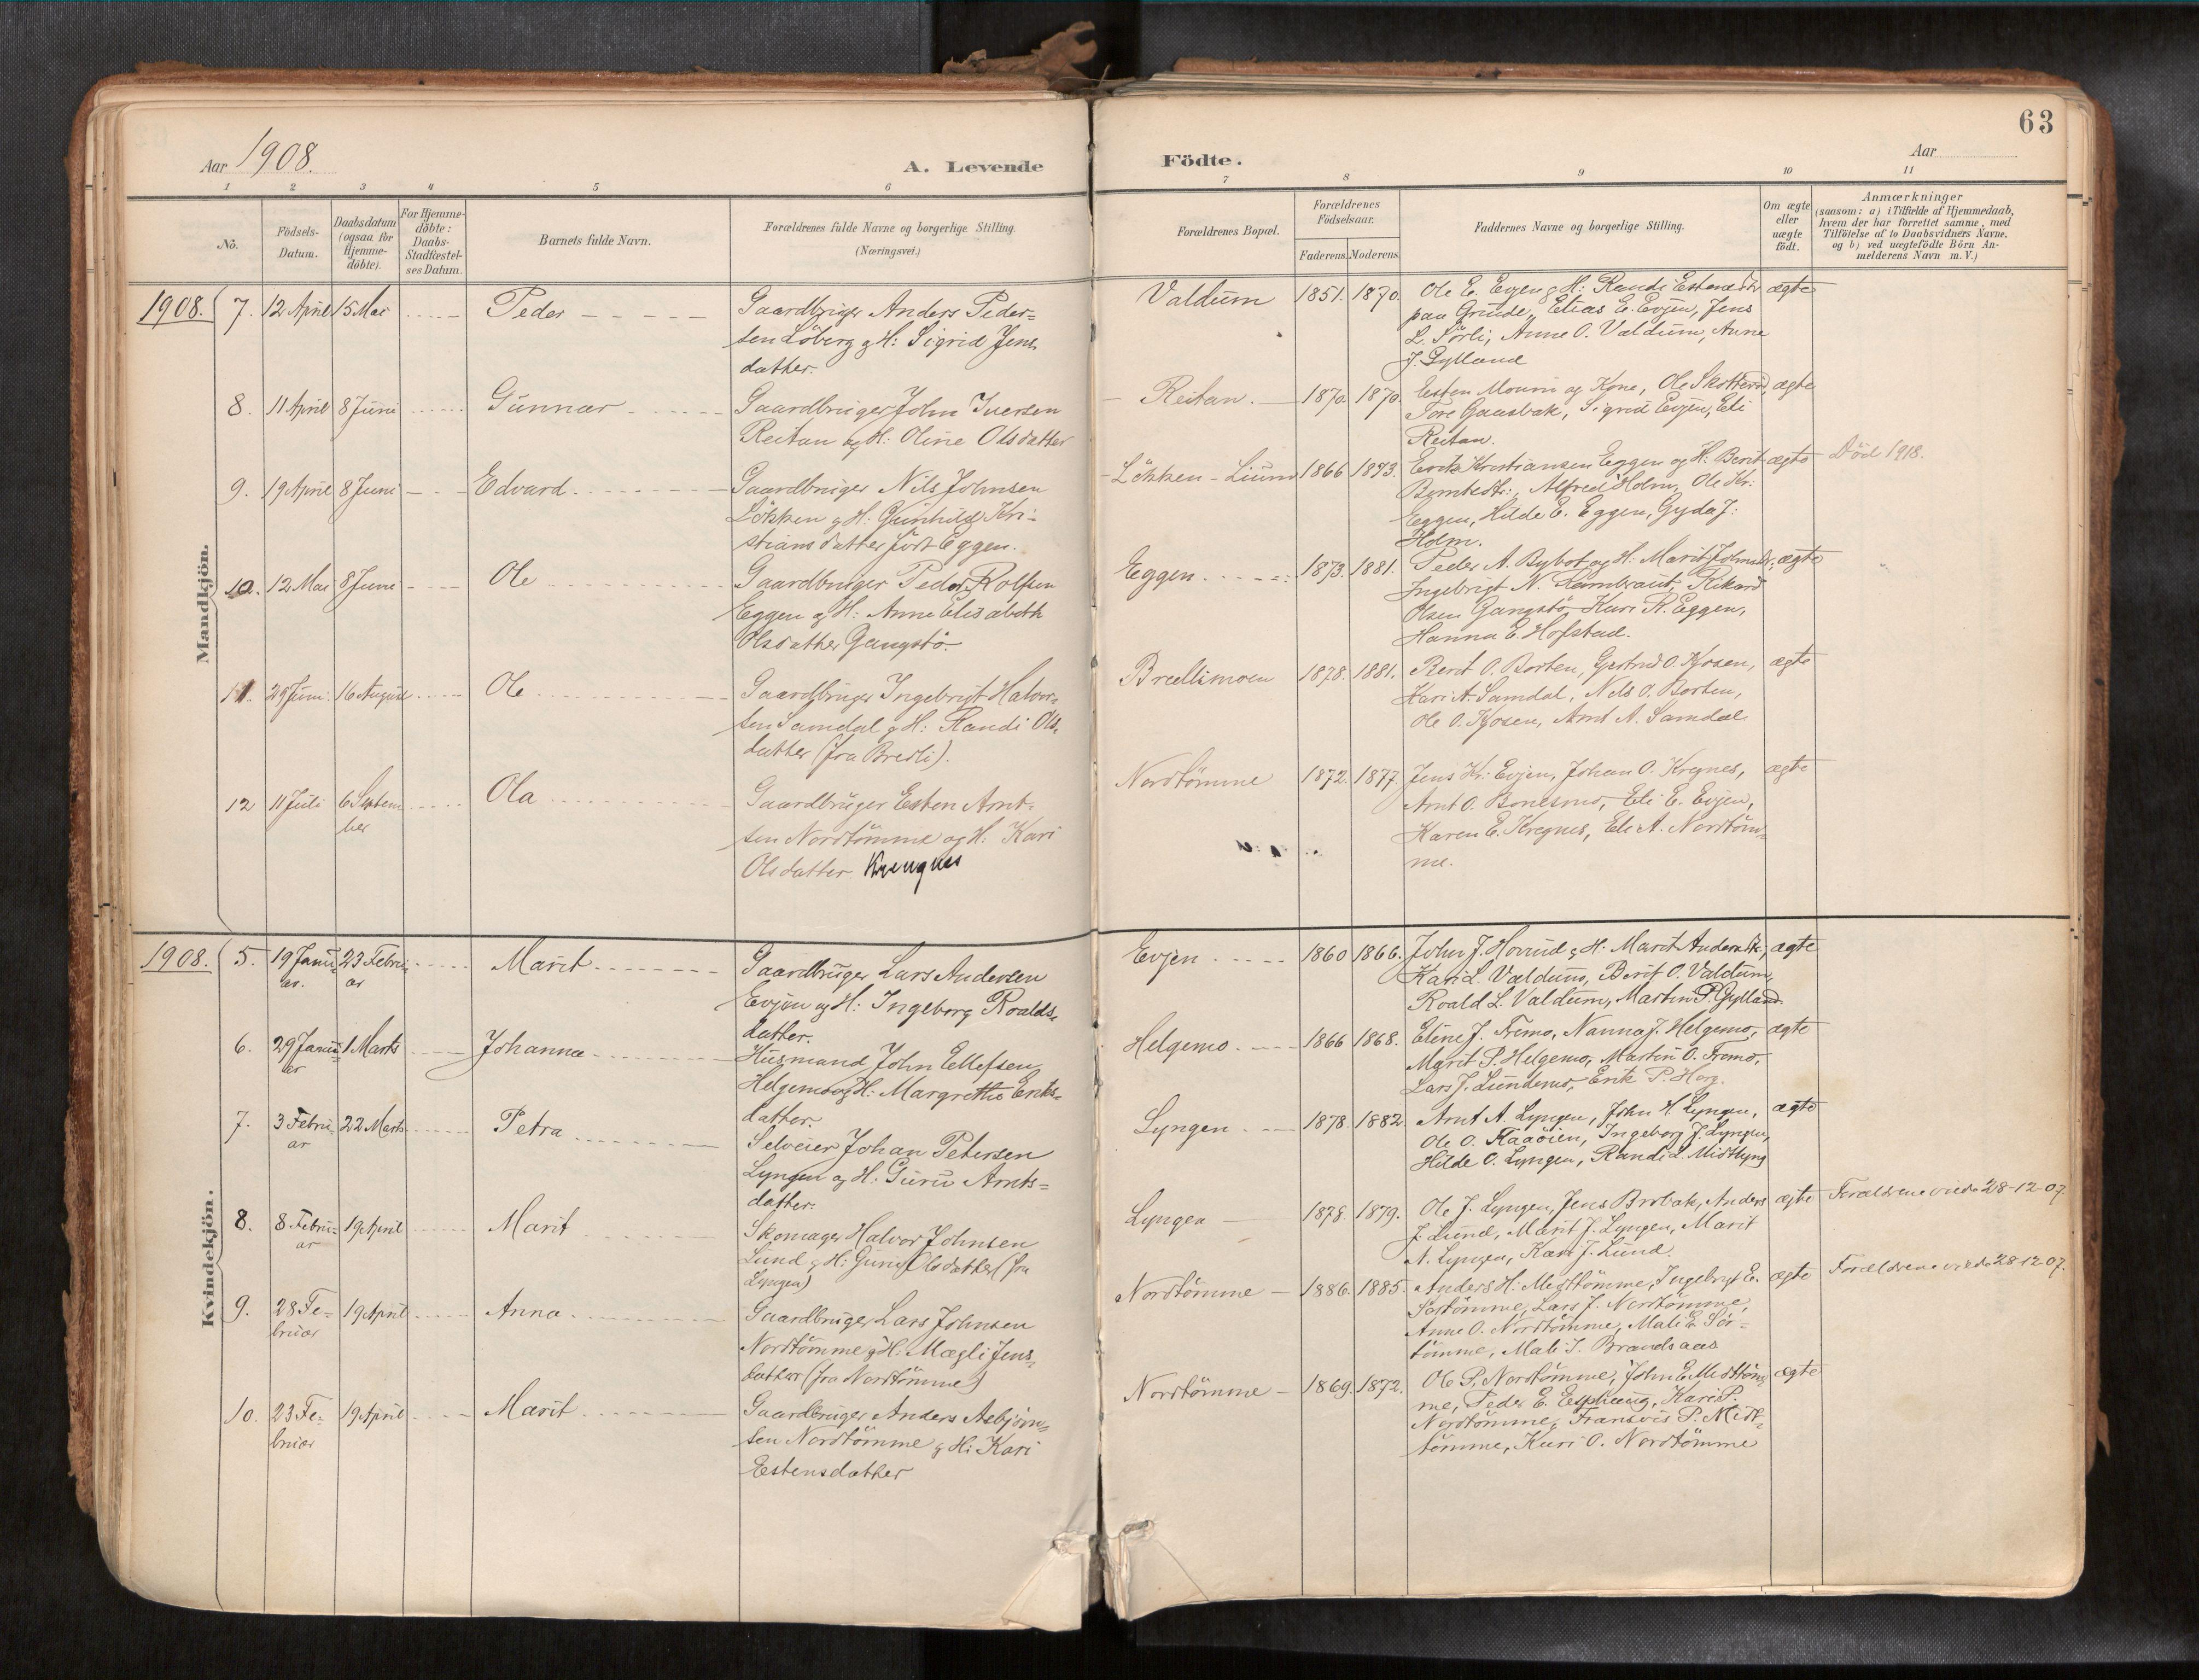 SAT, Ministerialprotokoller, klokkerbøker og fødselsregistre - Sør-Trøndelag, 692/L1105b: Ministerialbok nr. 692A06, 1891-1934, s. 63